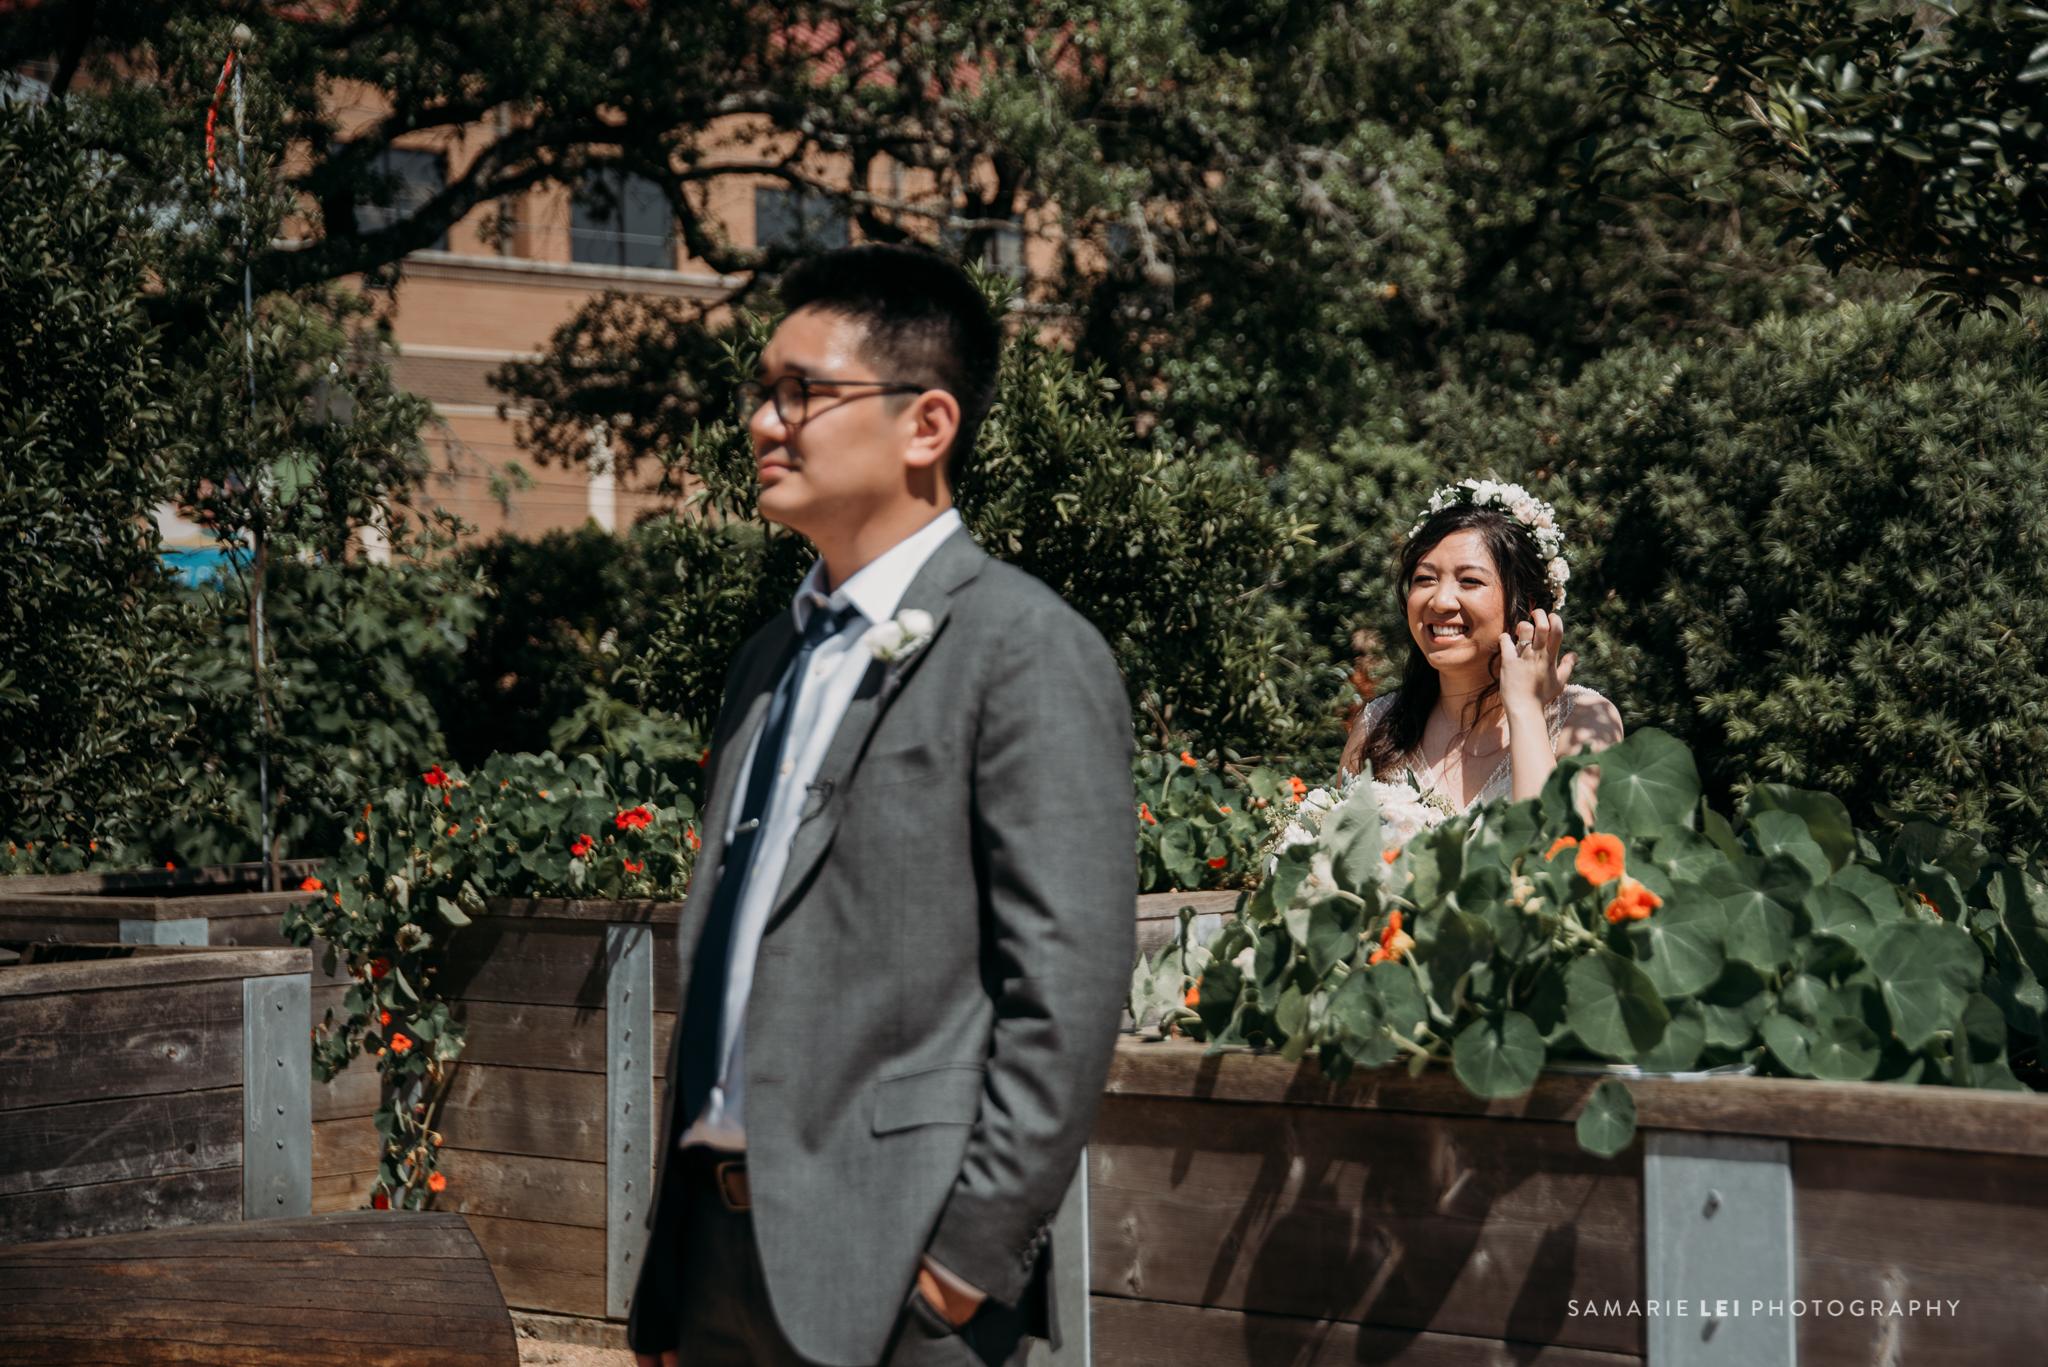 Sarah and Matt Wed- First Look-13.jpg